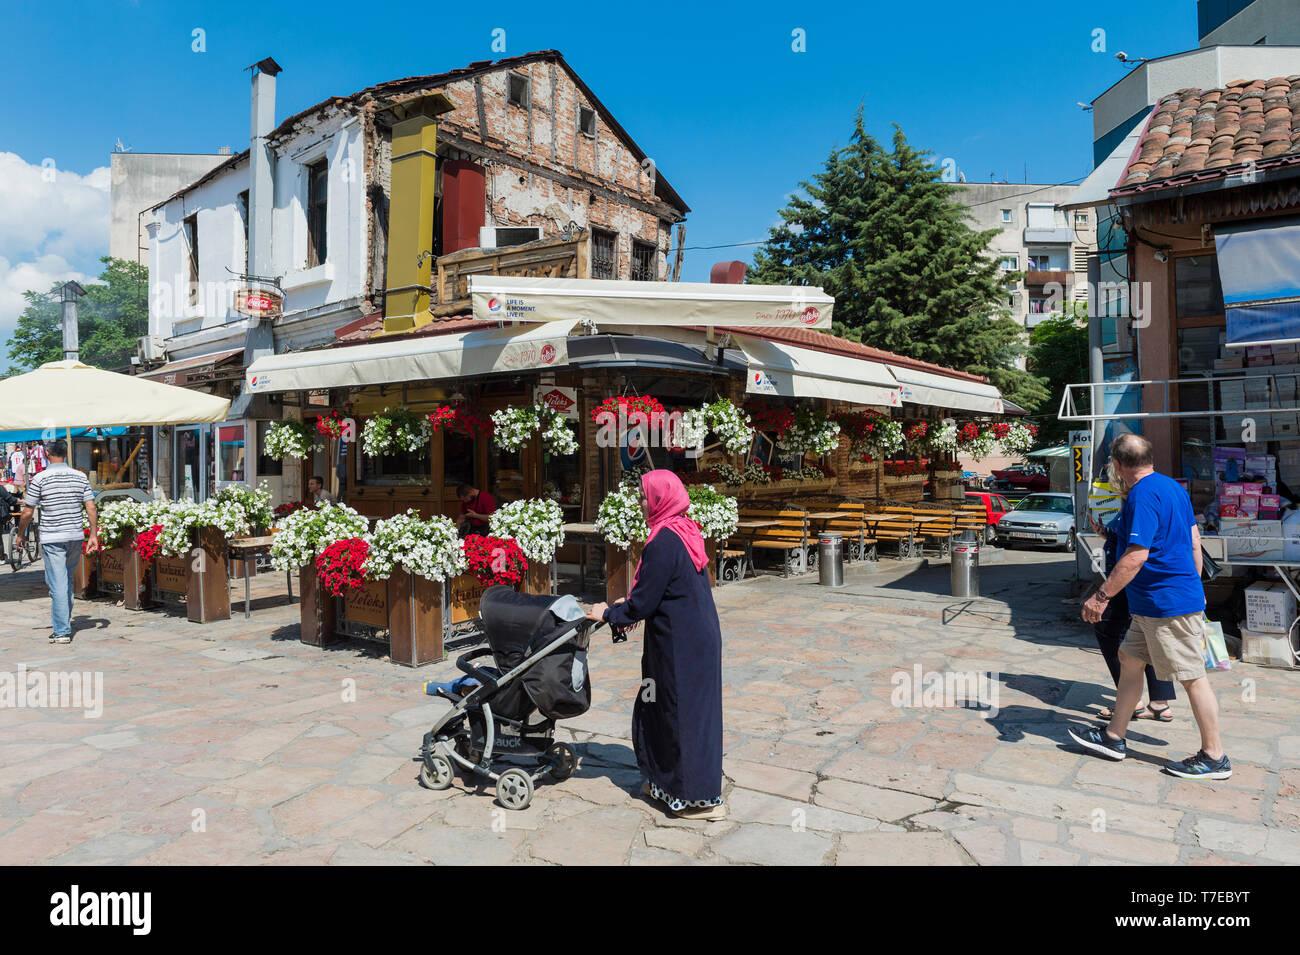 Street in Old bazar, Skopje, Macedonia - Stock Image